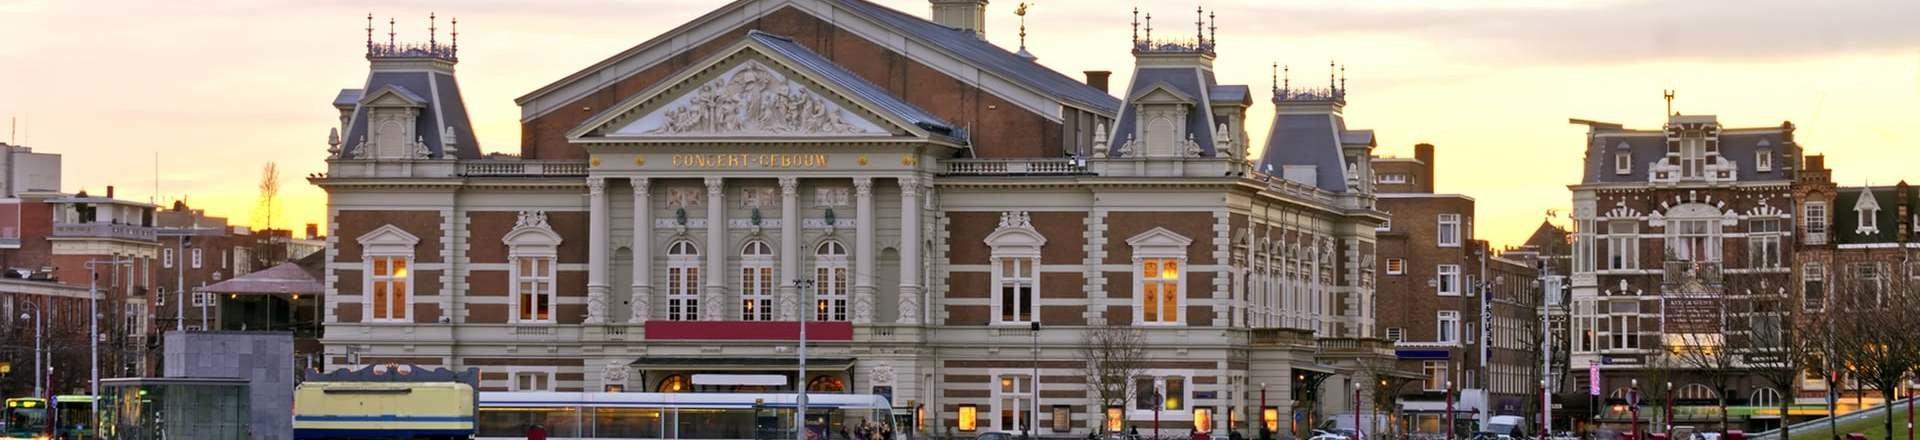 Hotel economici a amsterdam a partire da 39 destinia for Hotel amsterdam economici